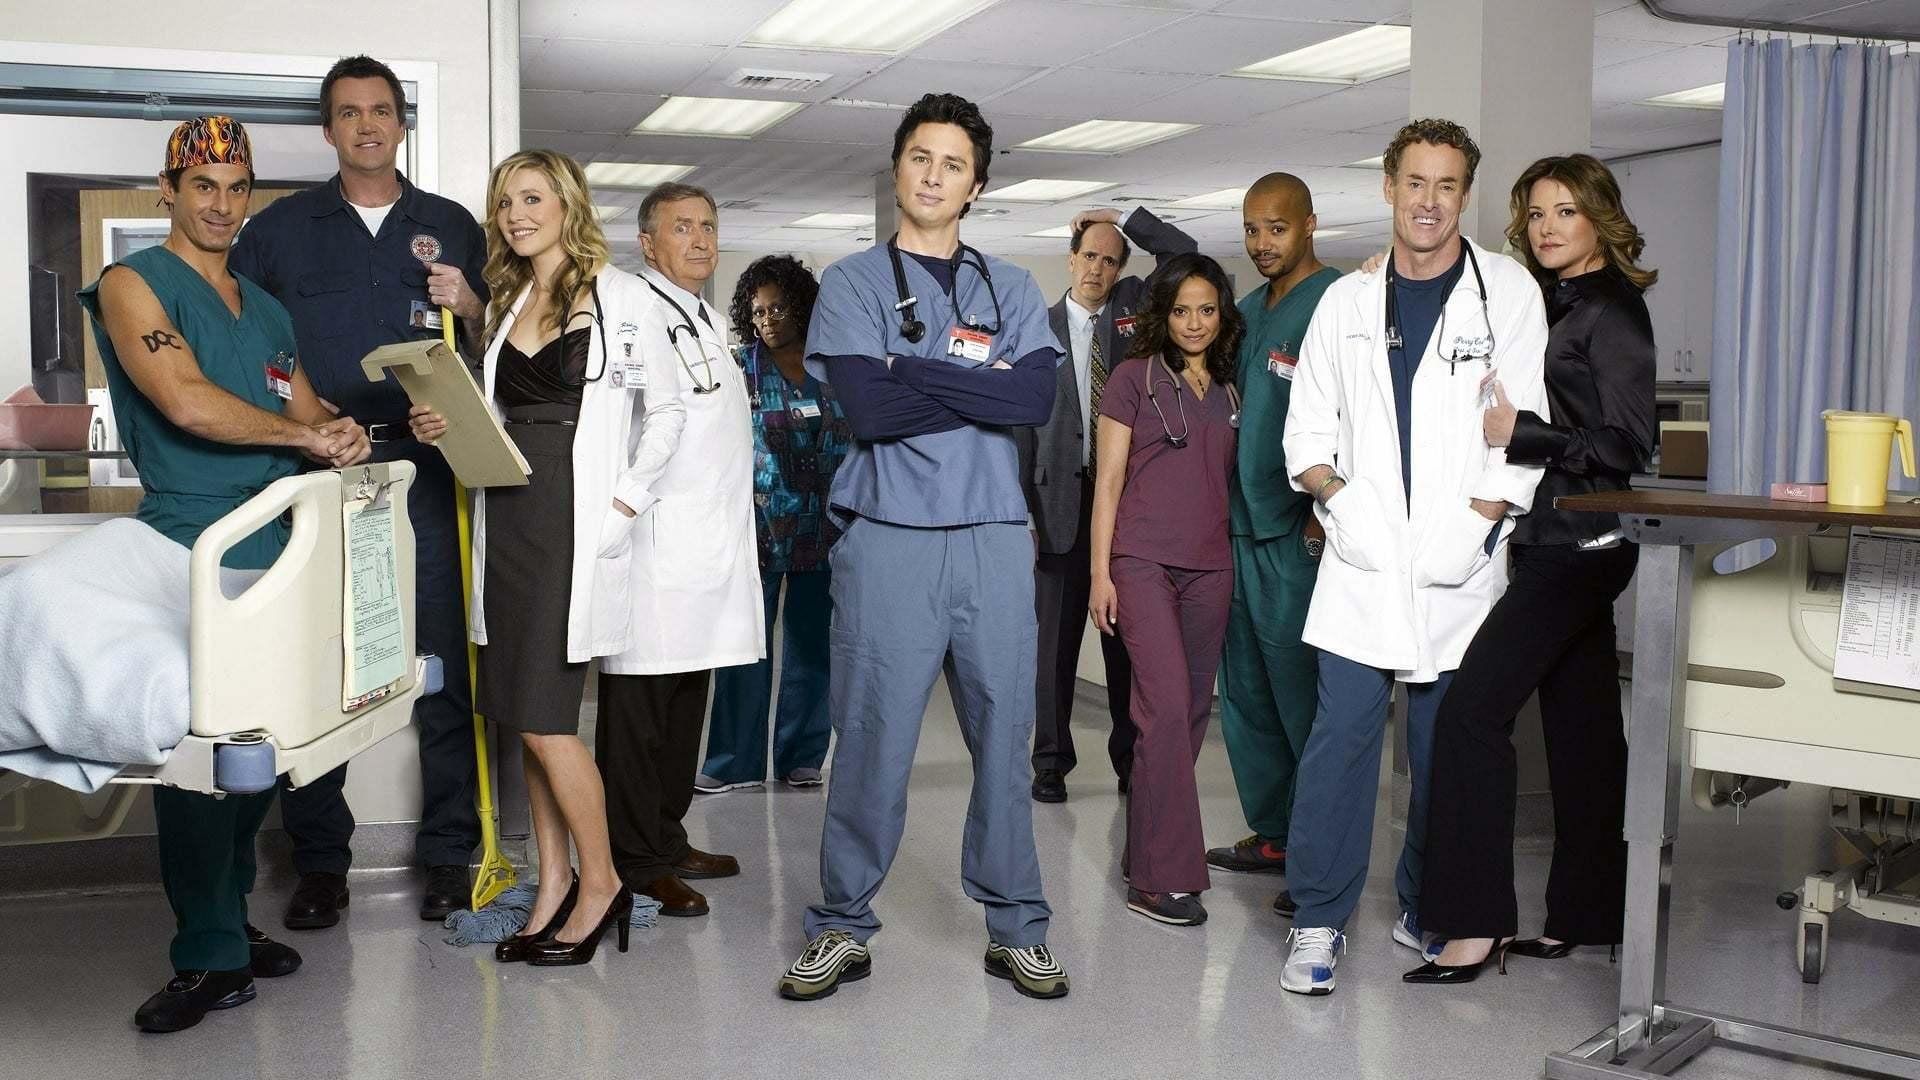 Кадры из фильма Клиника Scrubs 2001